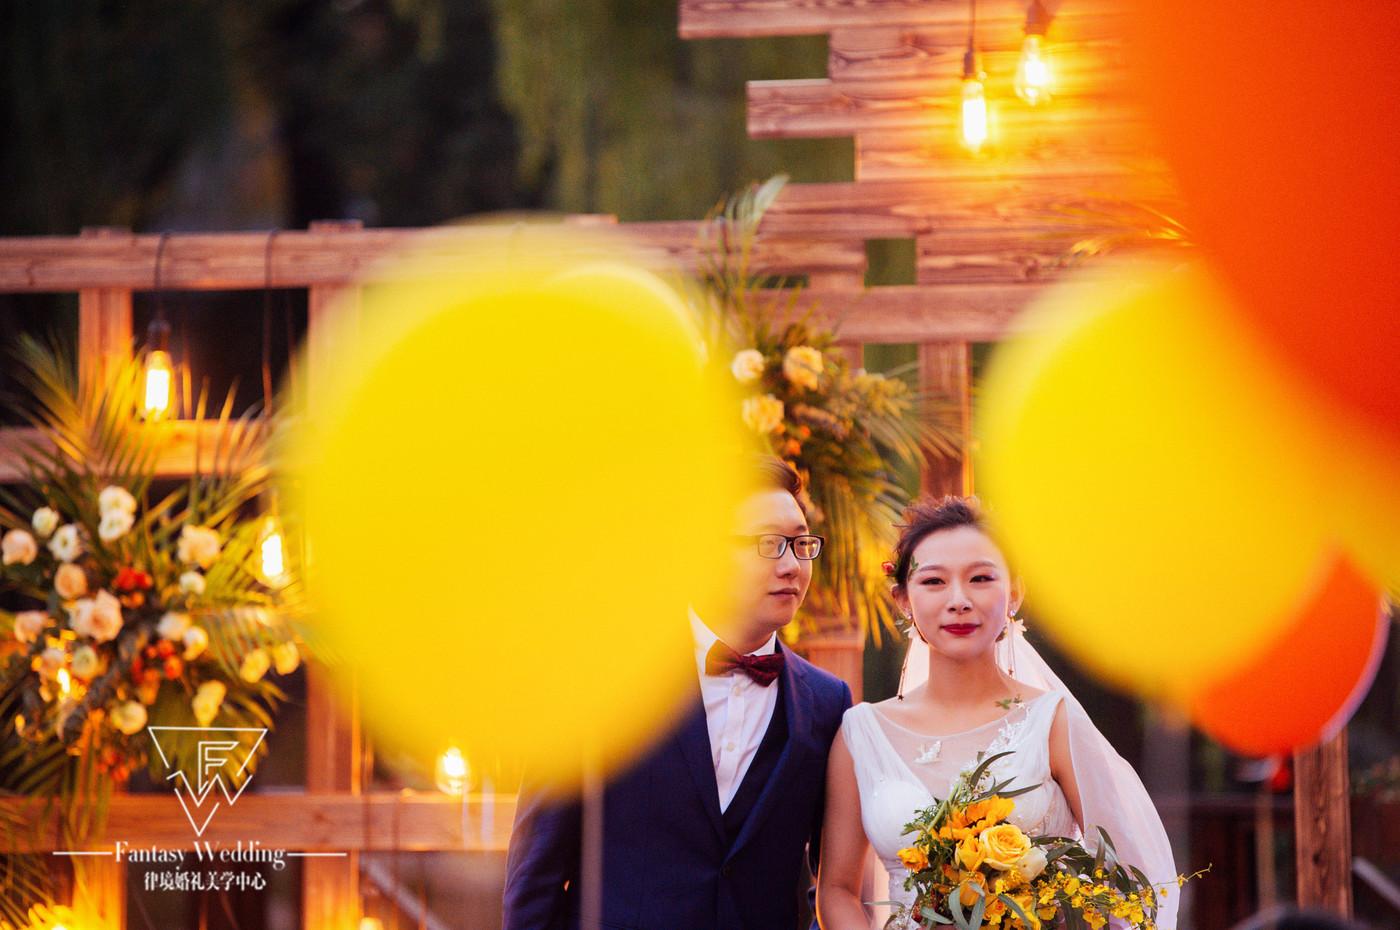 「律境婚礼」 格格^栈桥户外22